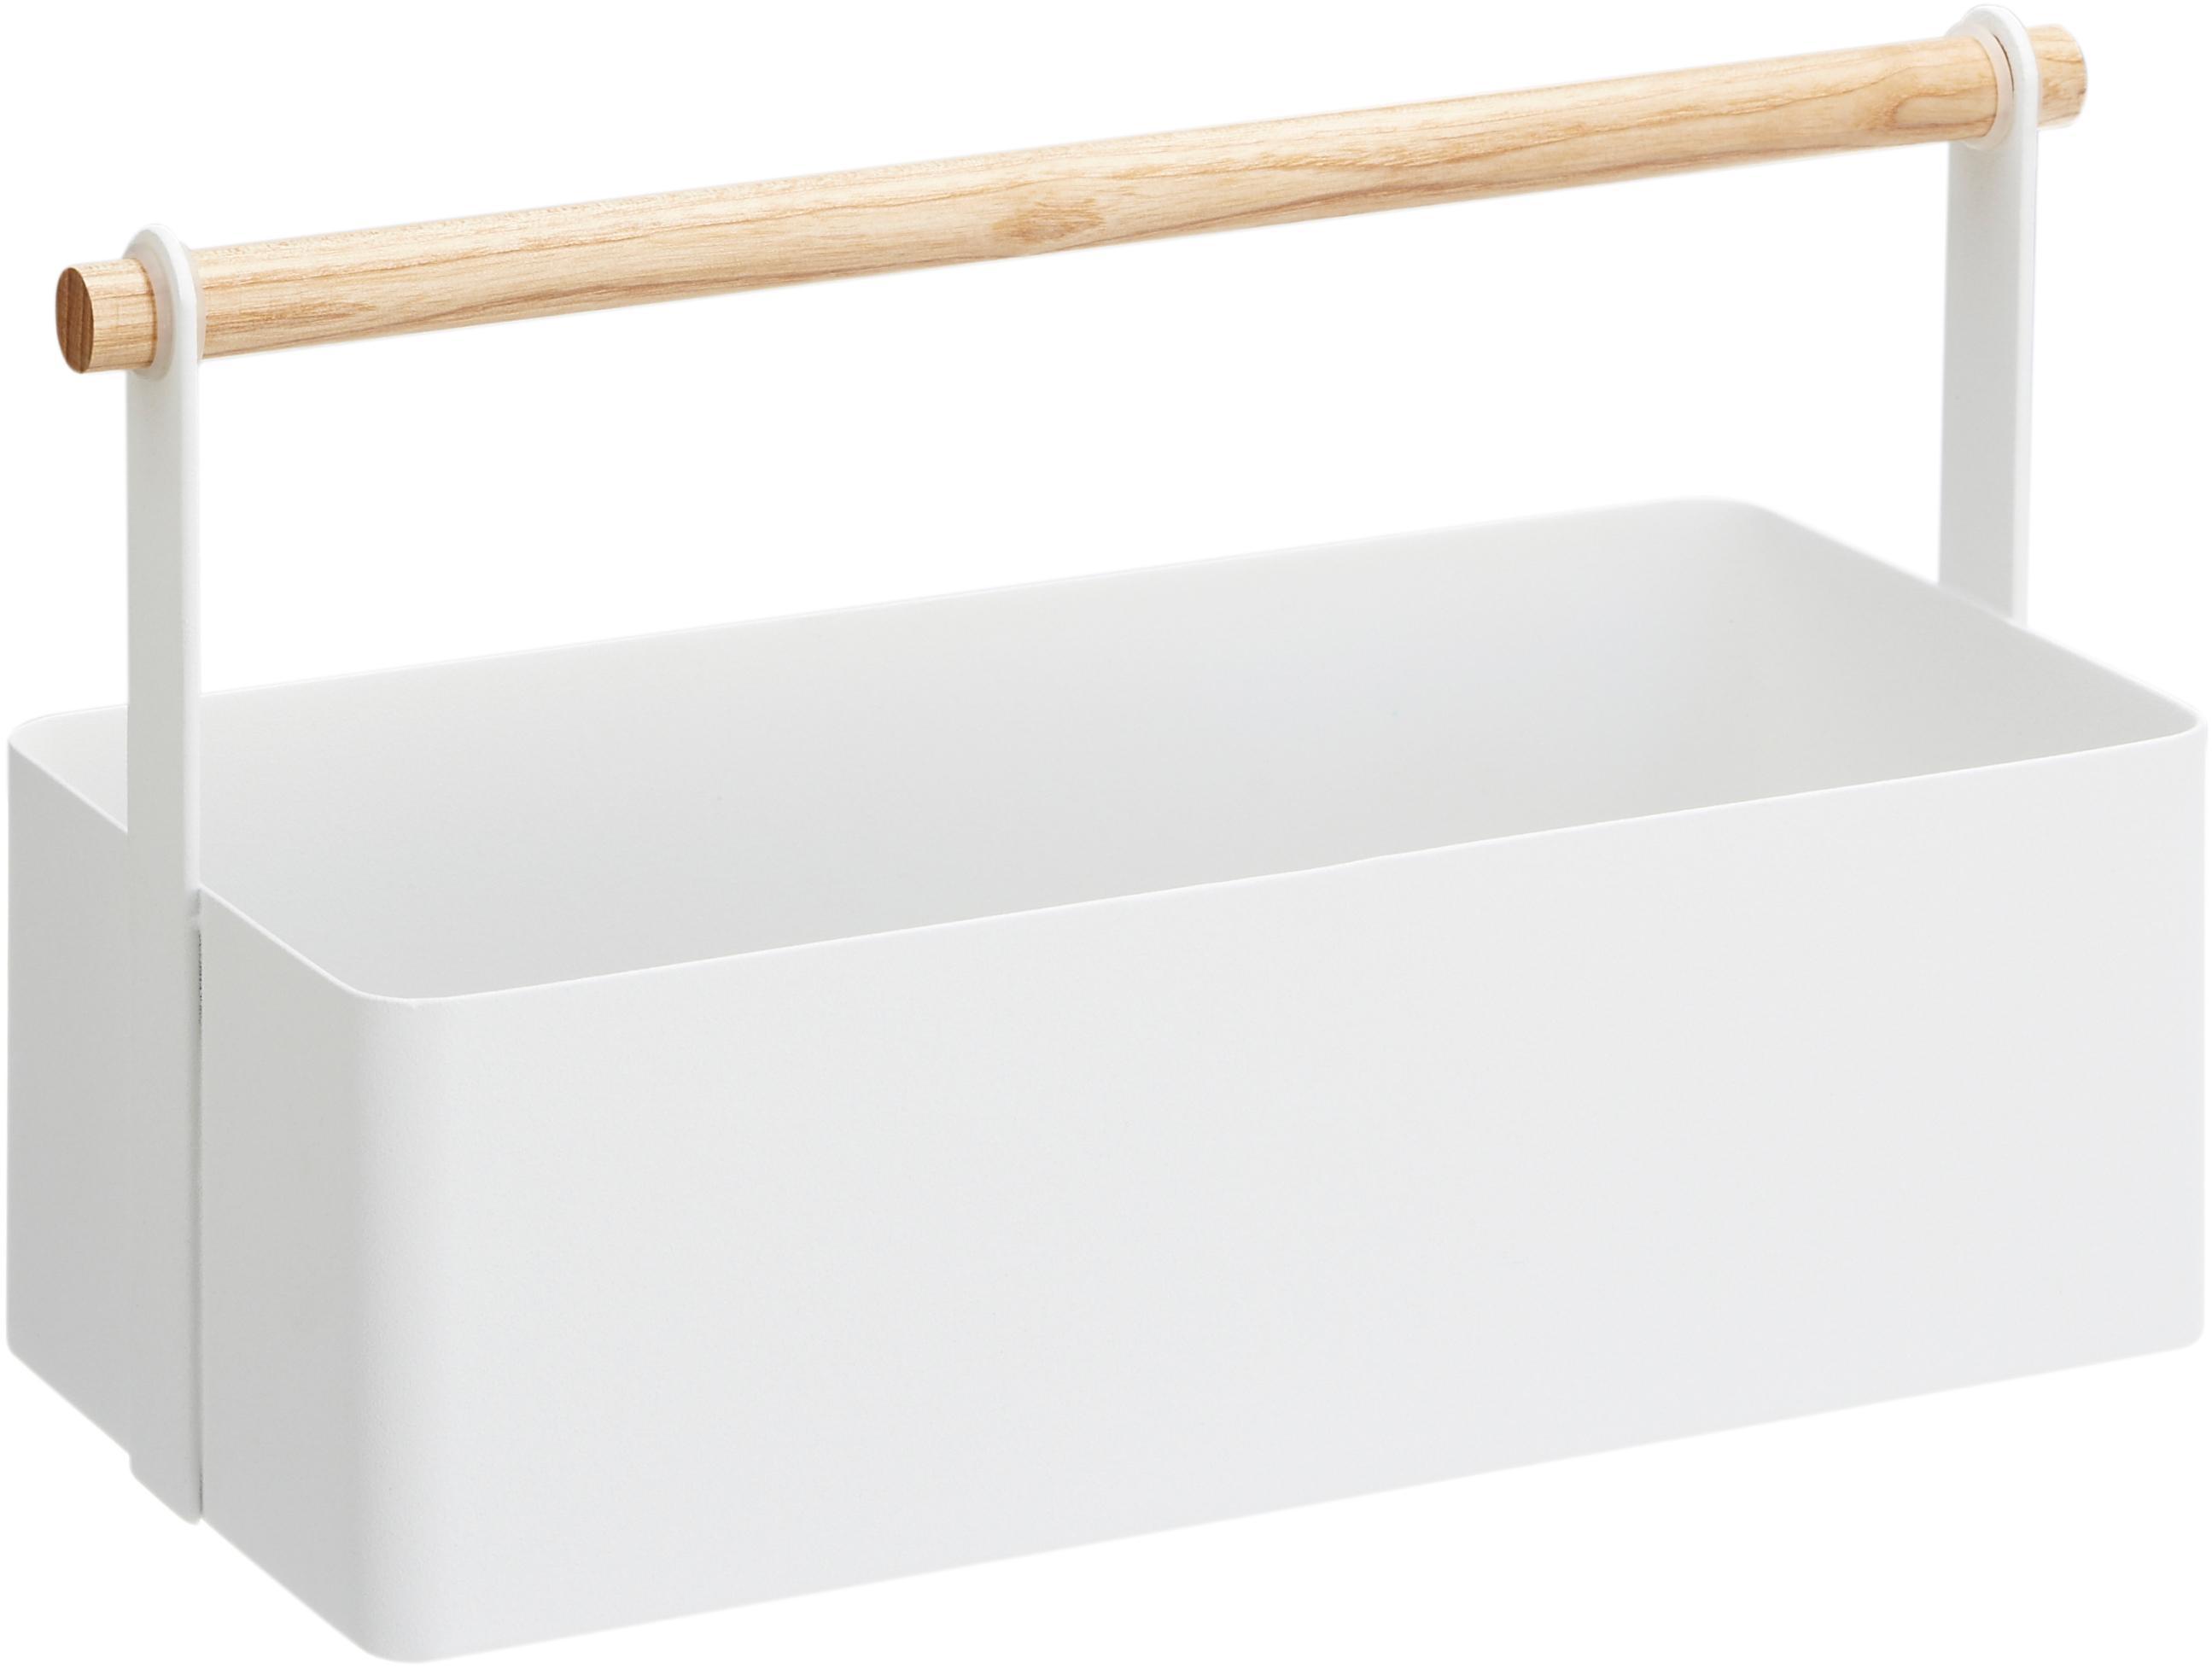 Cesta Tosca, Caja: acero, pintado, Asa: madera, Blanco, marrón, An 29 x Al 16 cm